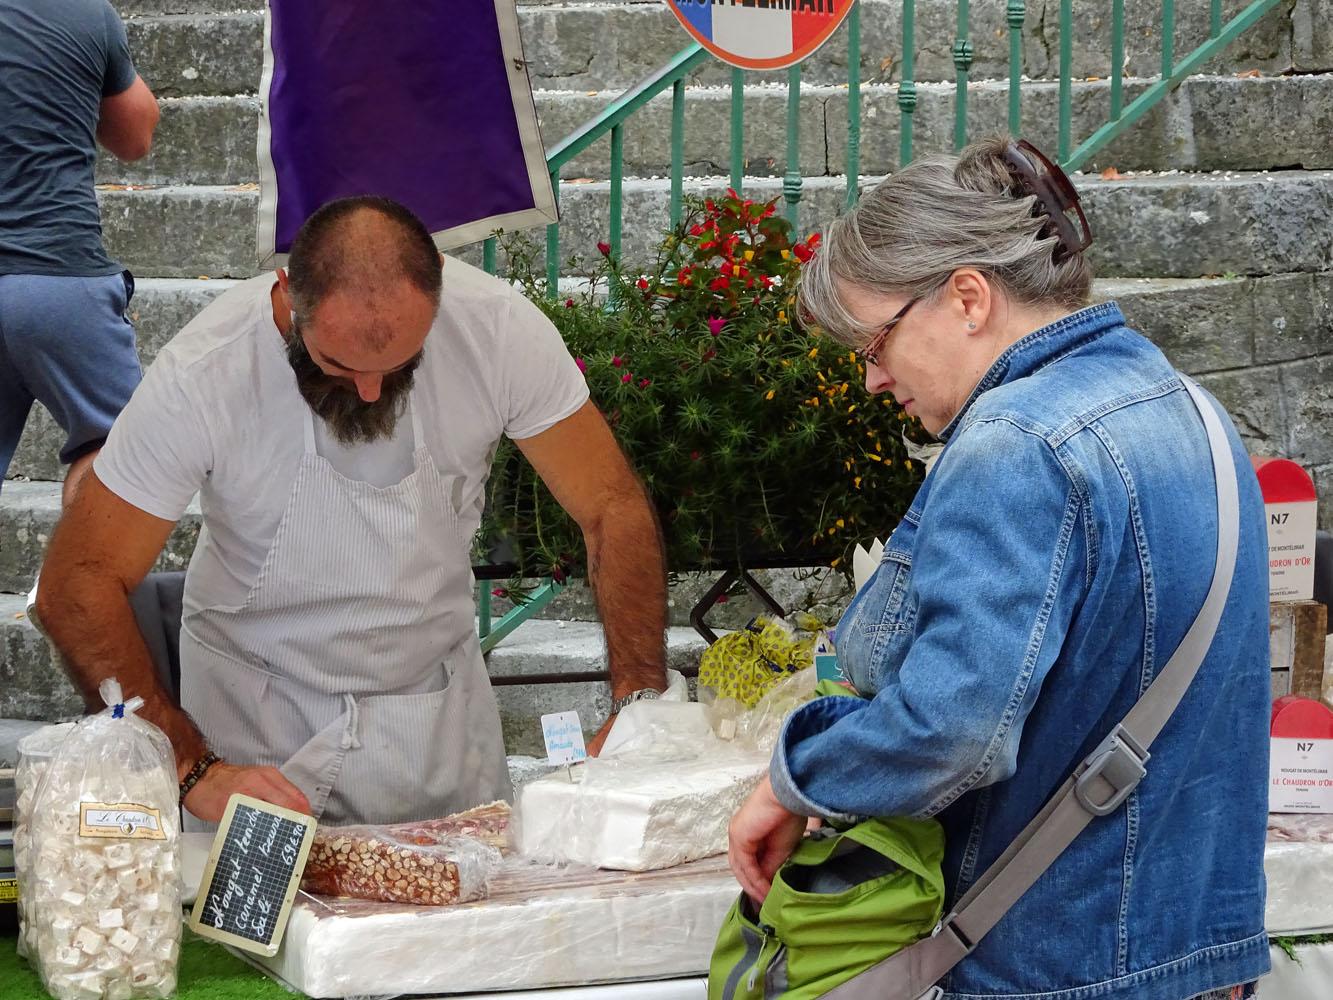 Nougat kaufen auf dem Wochenmarkt in Vallon - Pont d´Arc.